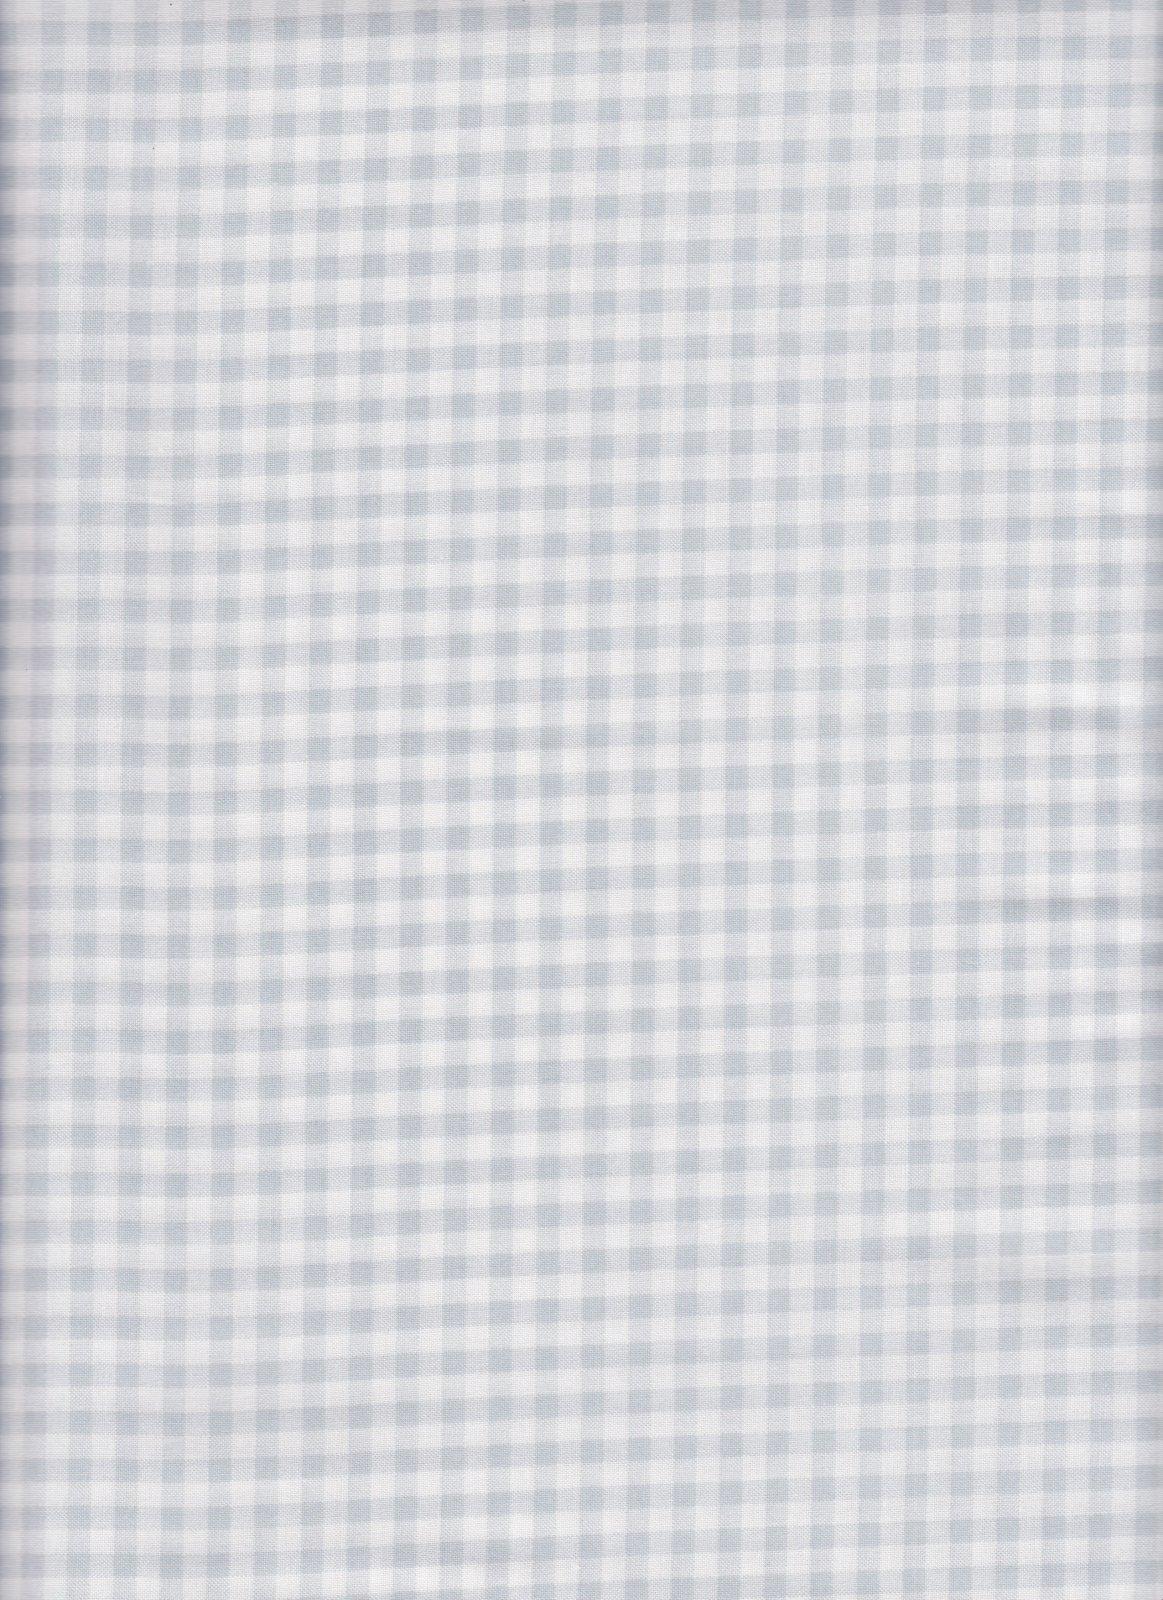 PROMO* FT-Children's Prints 49700 Gray - 1/8 Gingham